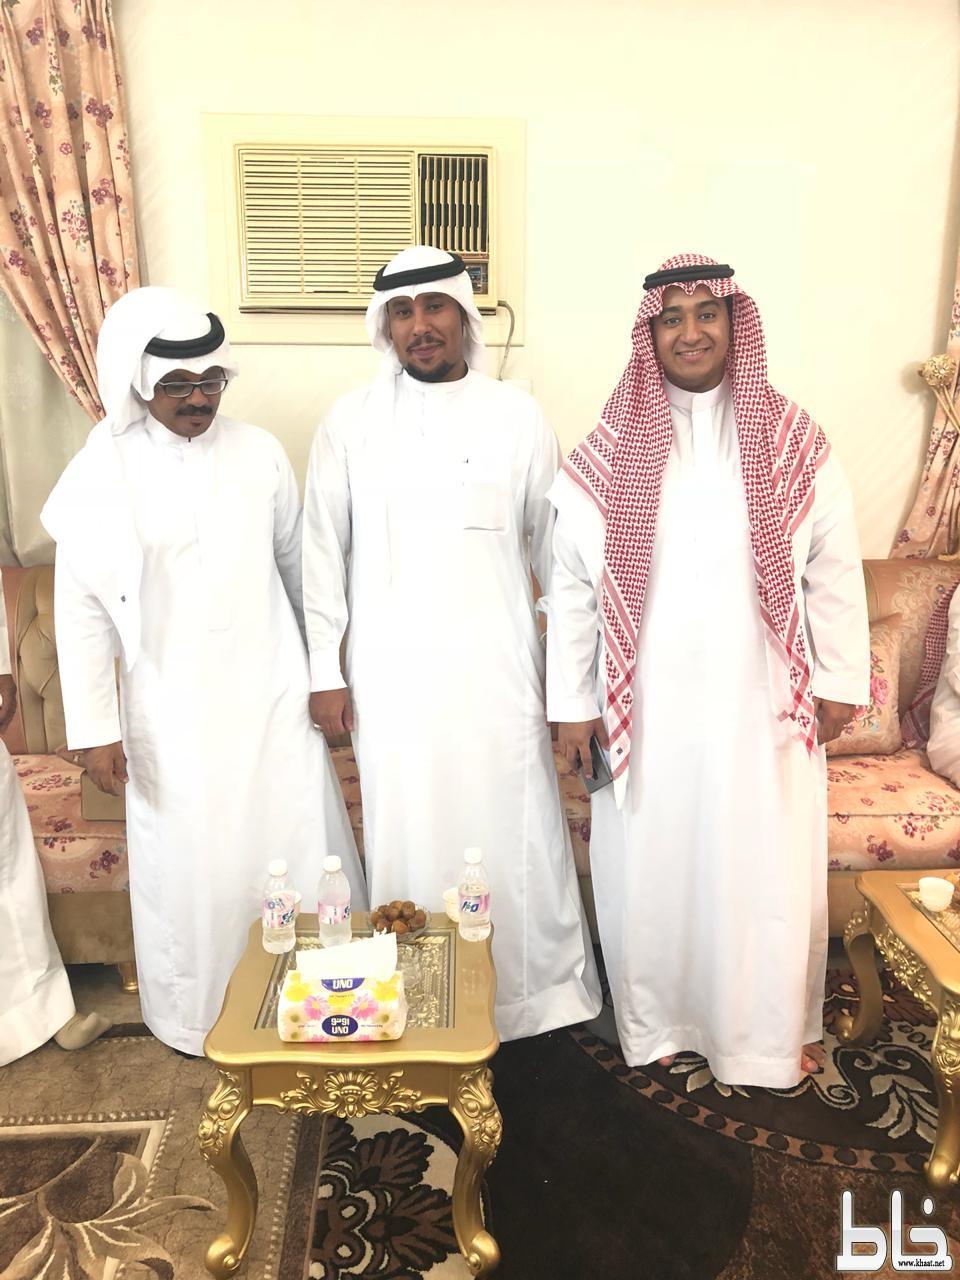 عقد قران الشاب نايف الشهري على كريمة الاستاذ طلال الحربي بمكة المكرمة...